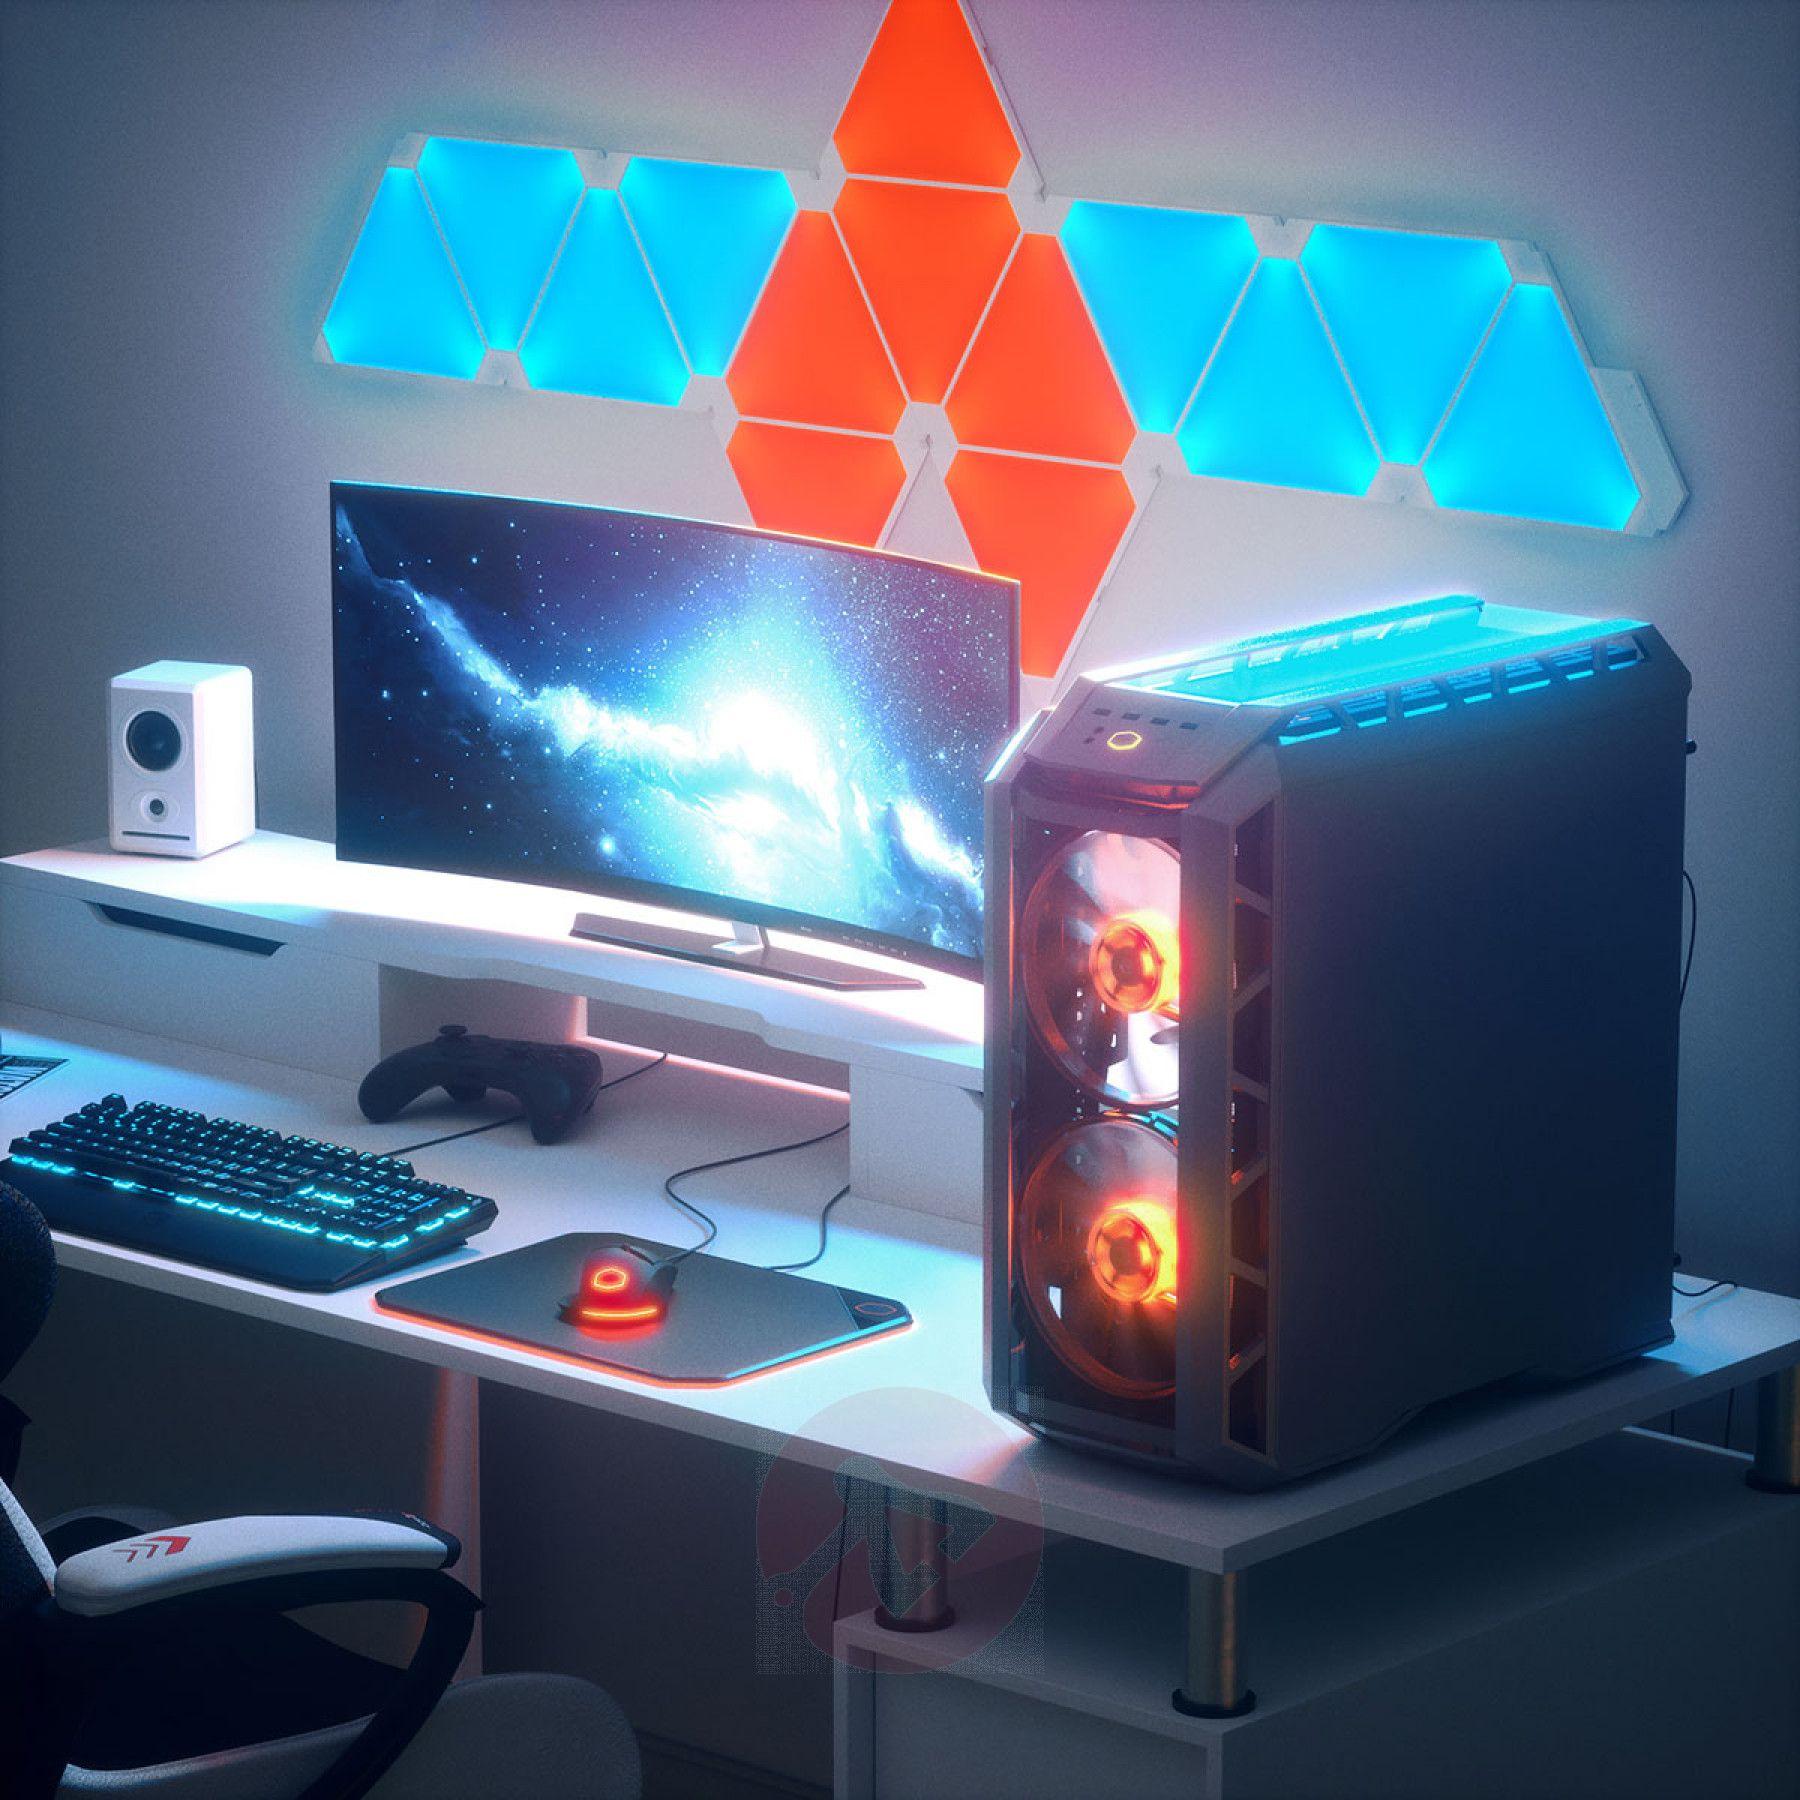 Nano Leaf Display Nanoleaf Lights Light Panels Gaming Room Setup